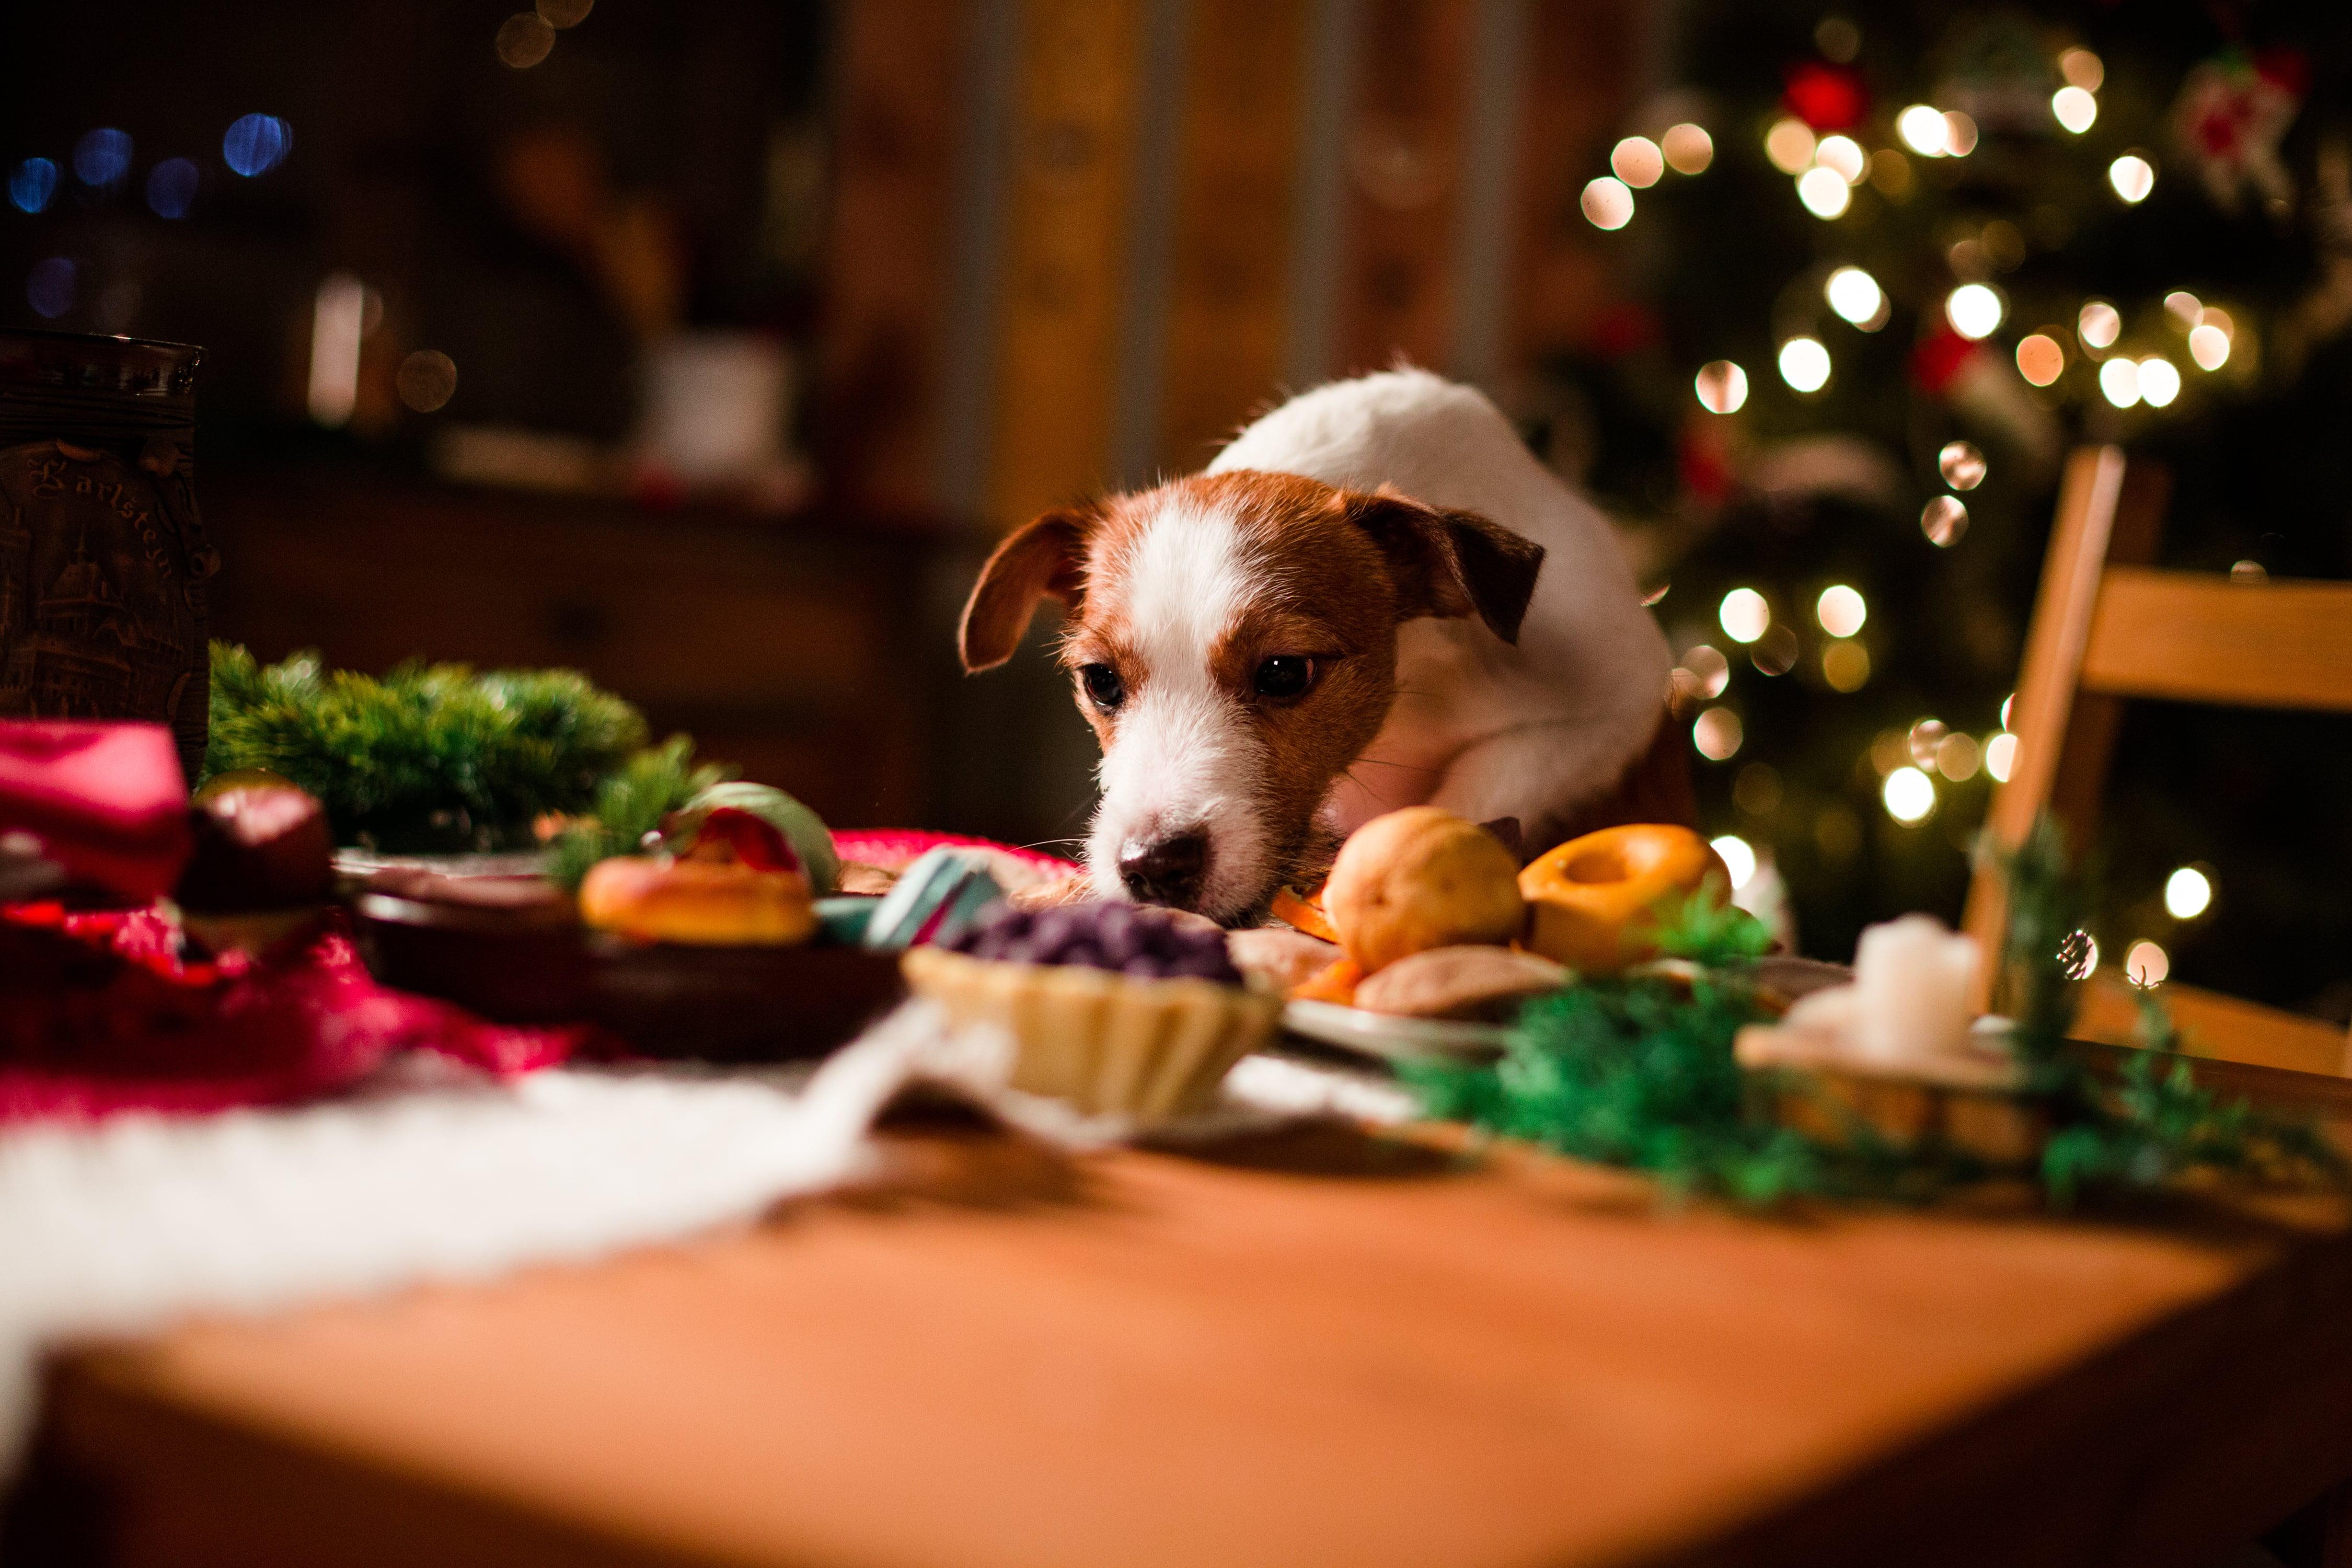 Dog at the Christmas Table